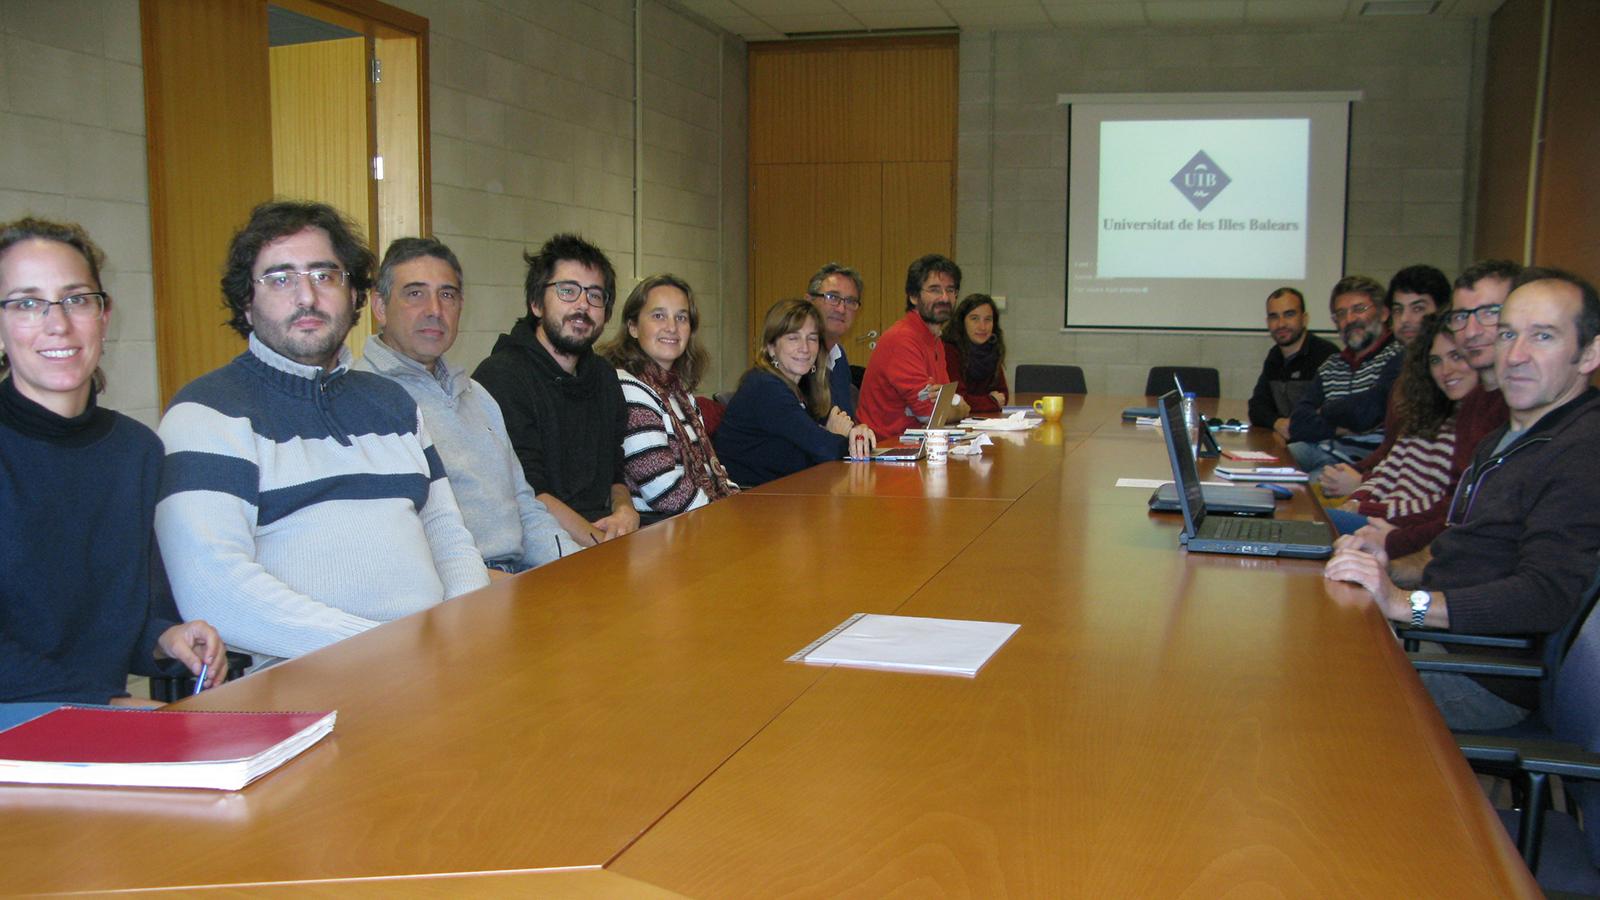 Neix el Laboratori Interdisciplinari sobre Canvi Climàtic de la UIB (LINCC UIB)